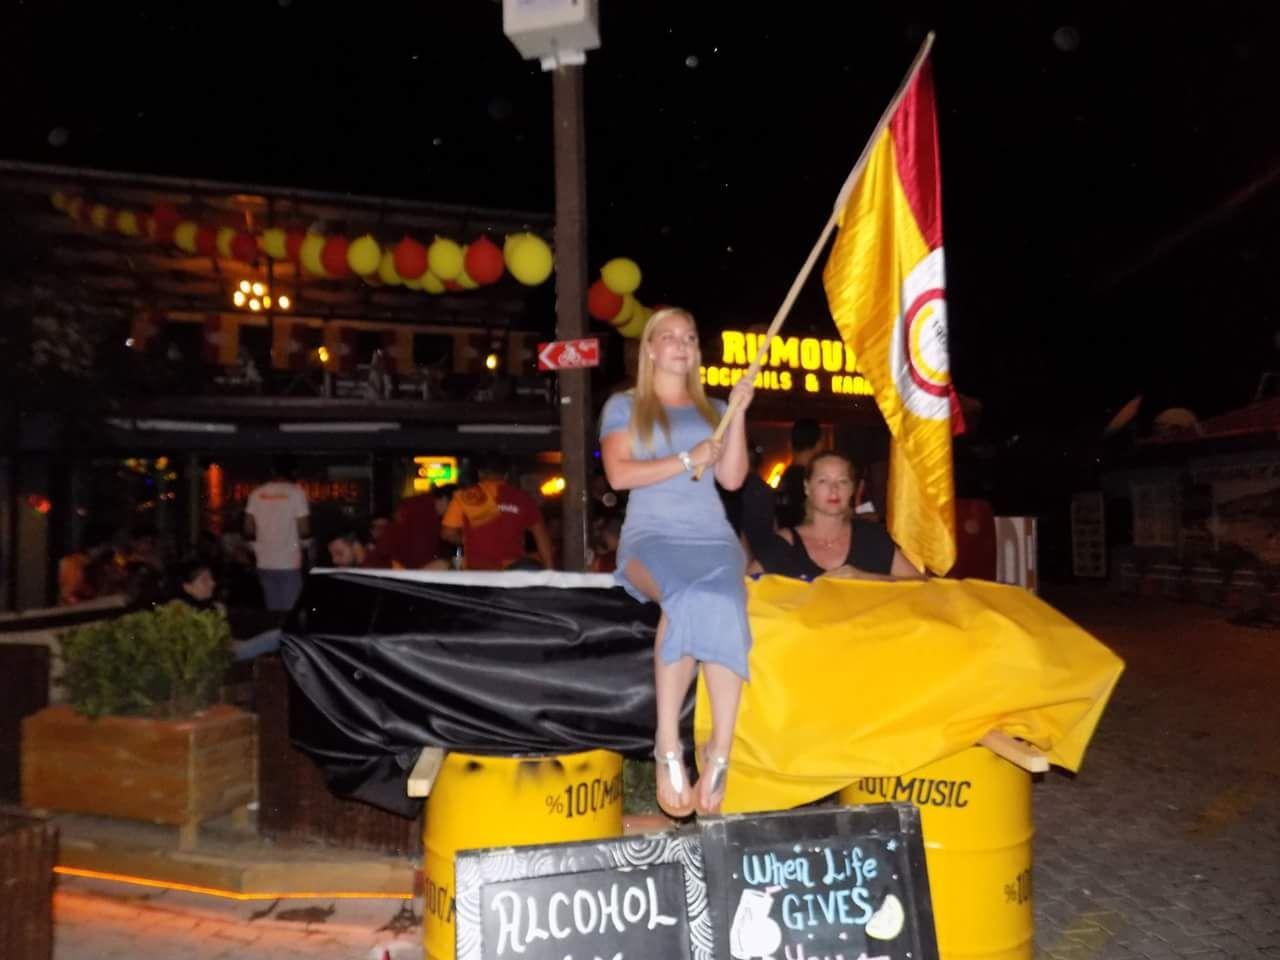 IMG 20180520 WA0061 - Dalaman'da Galatasaray'ın şampiyonluk kutlaması